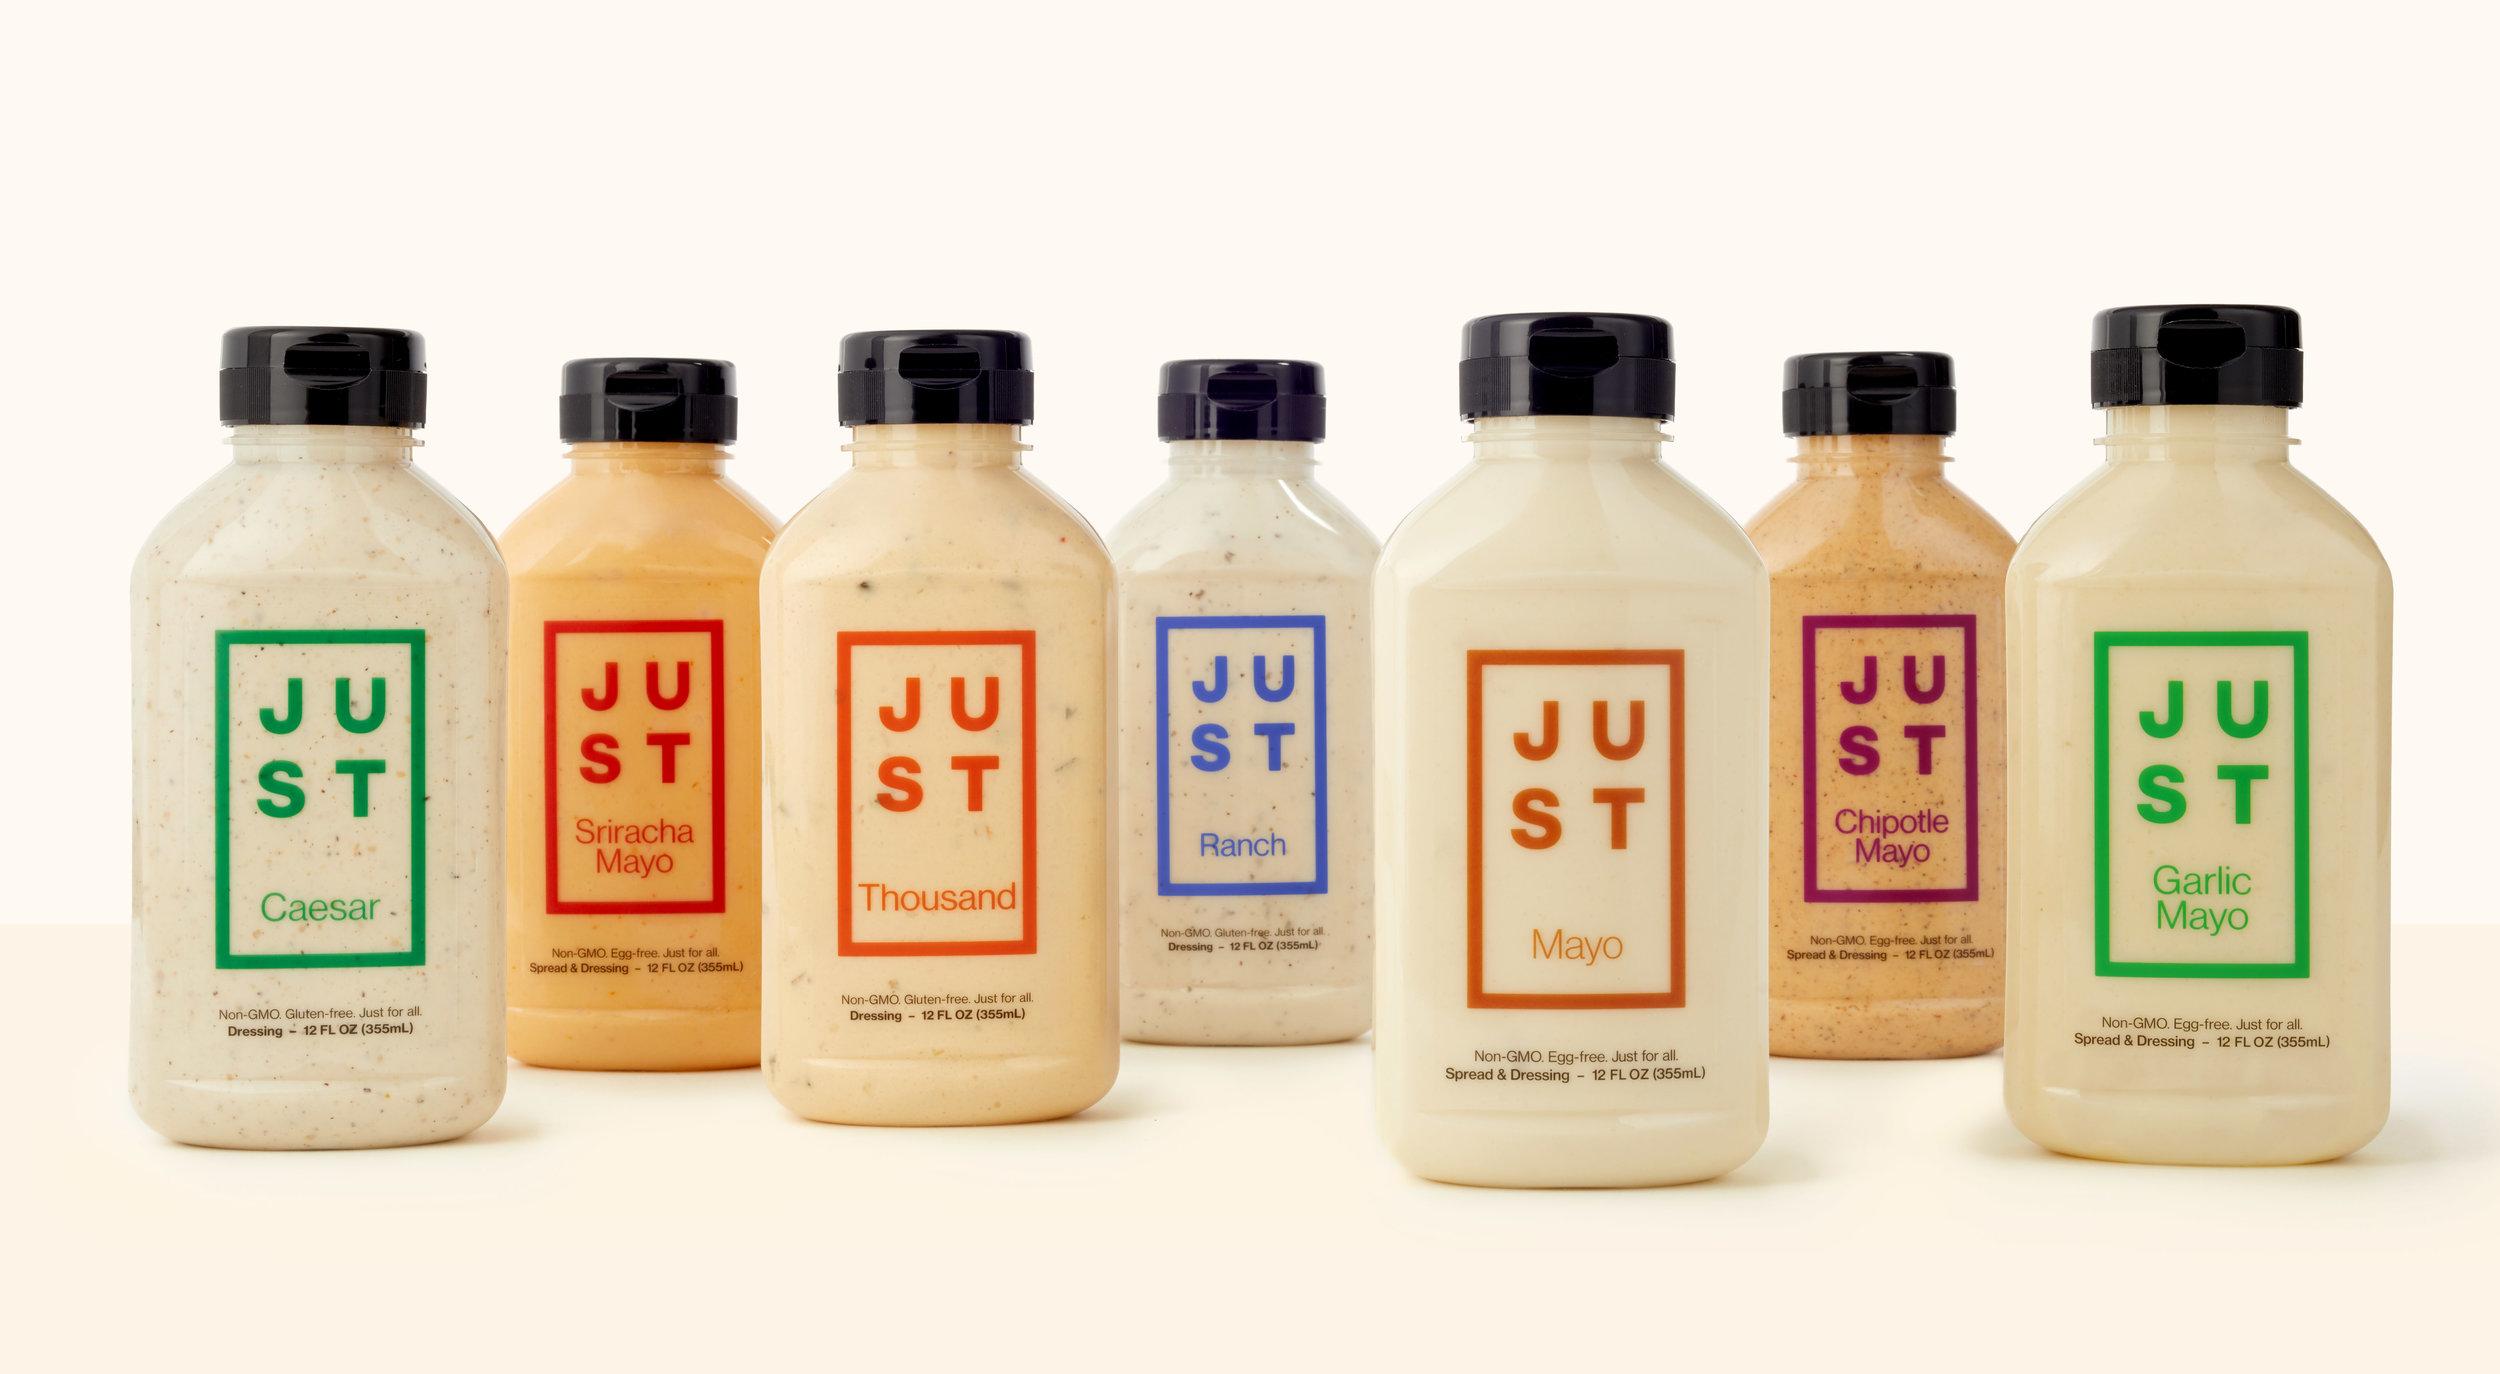 JUST_Bottles_2018.jpg